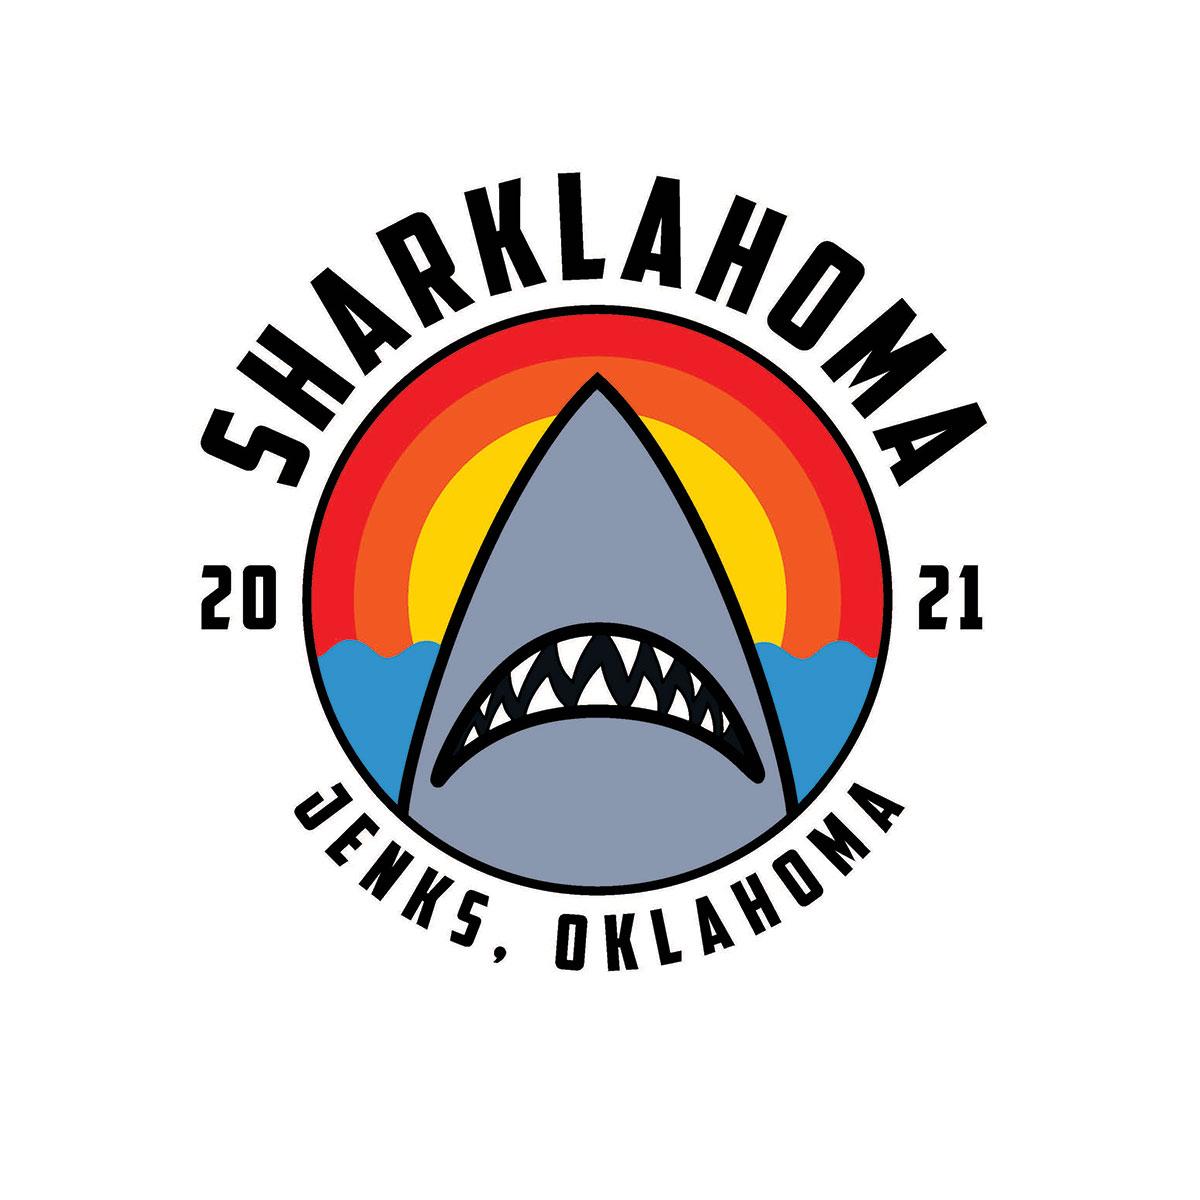 Sharklahoma 2021 logo